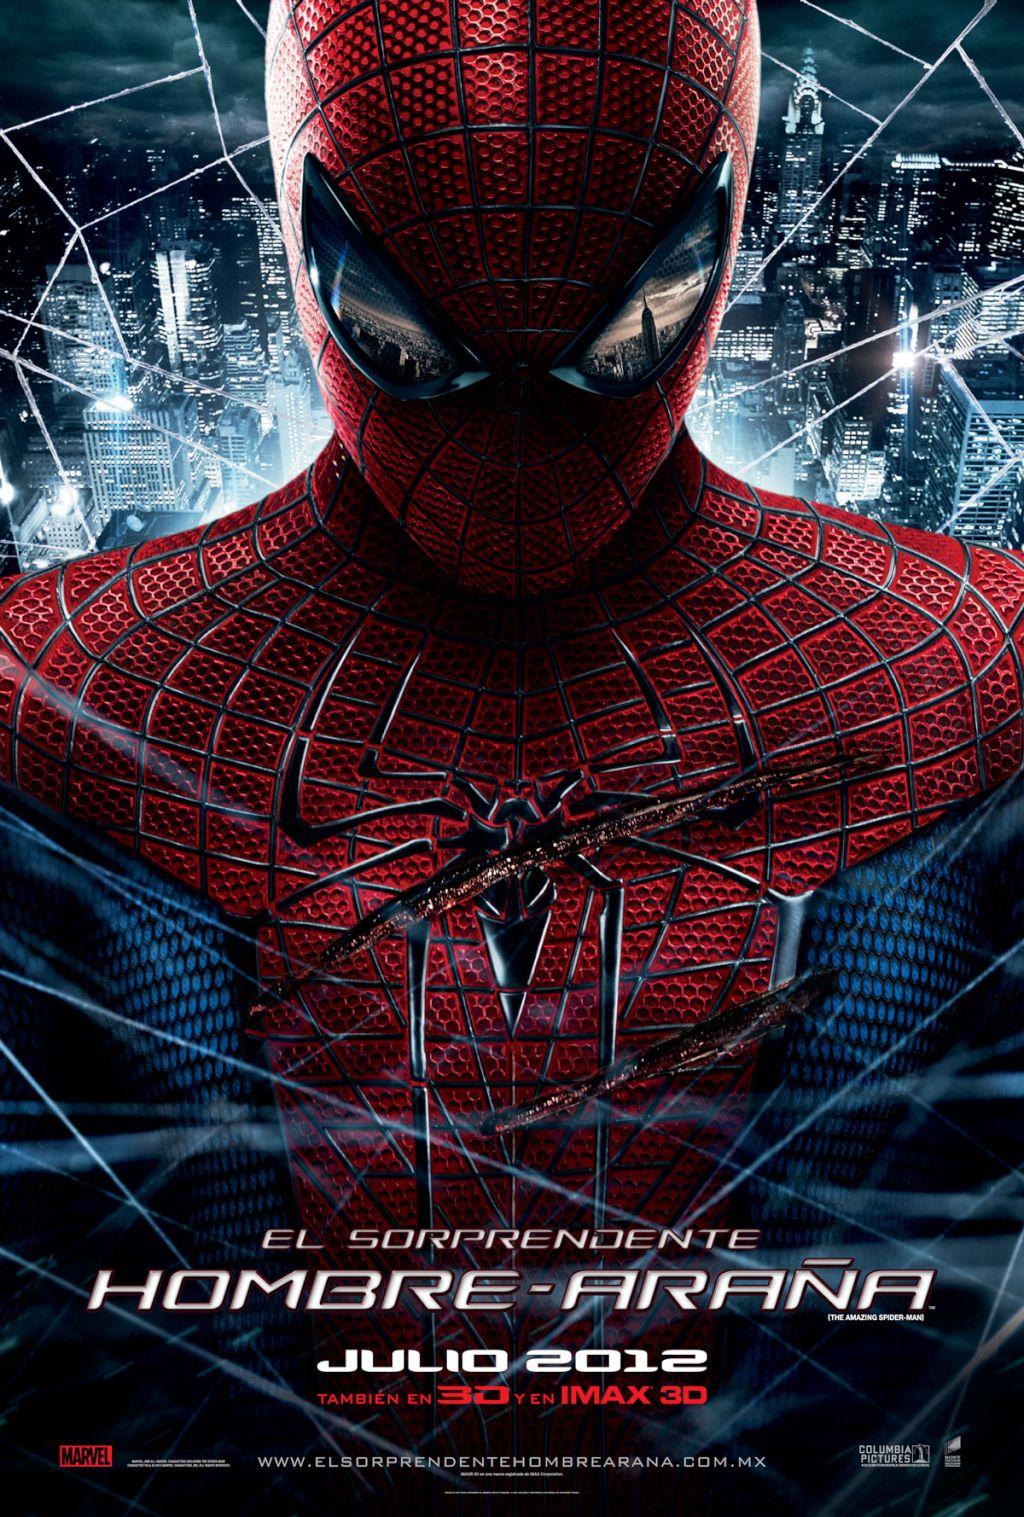 Ver El sorprendente Hombre araña 2012 online